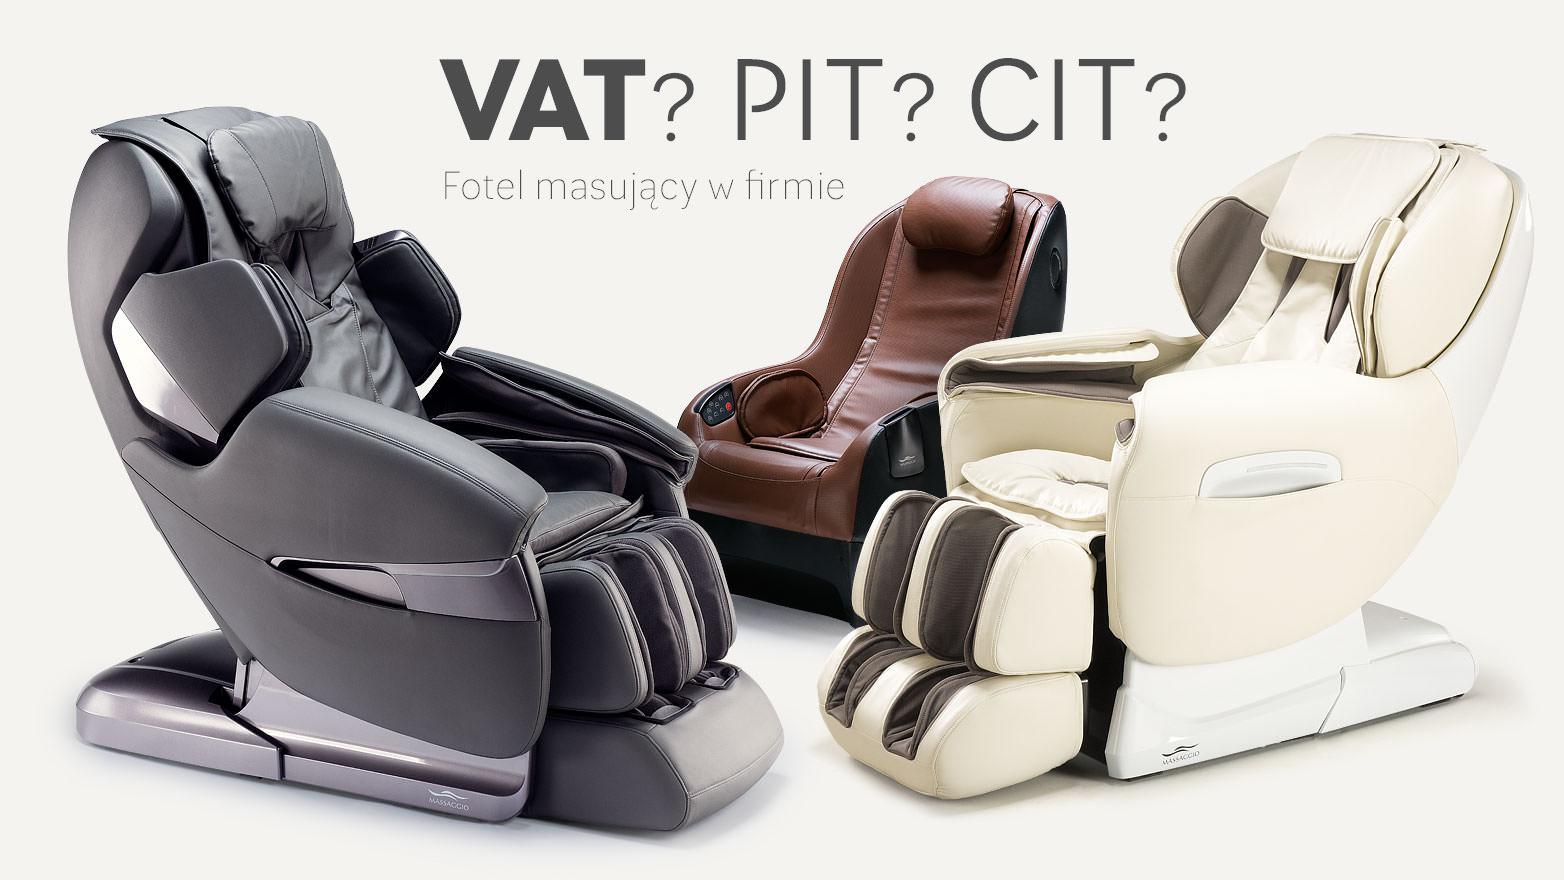 Fotel masujący w kosztach firmy